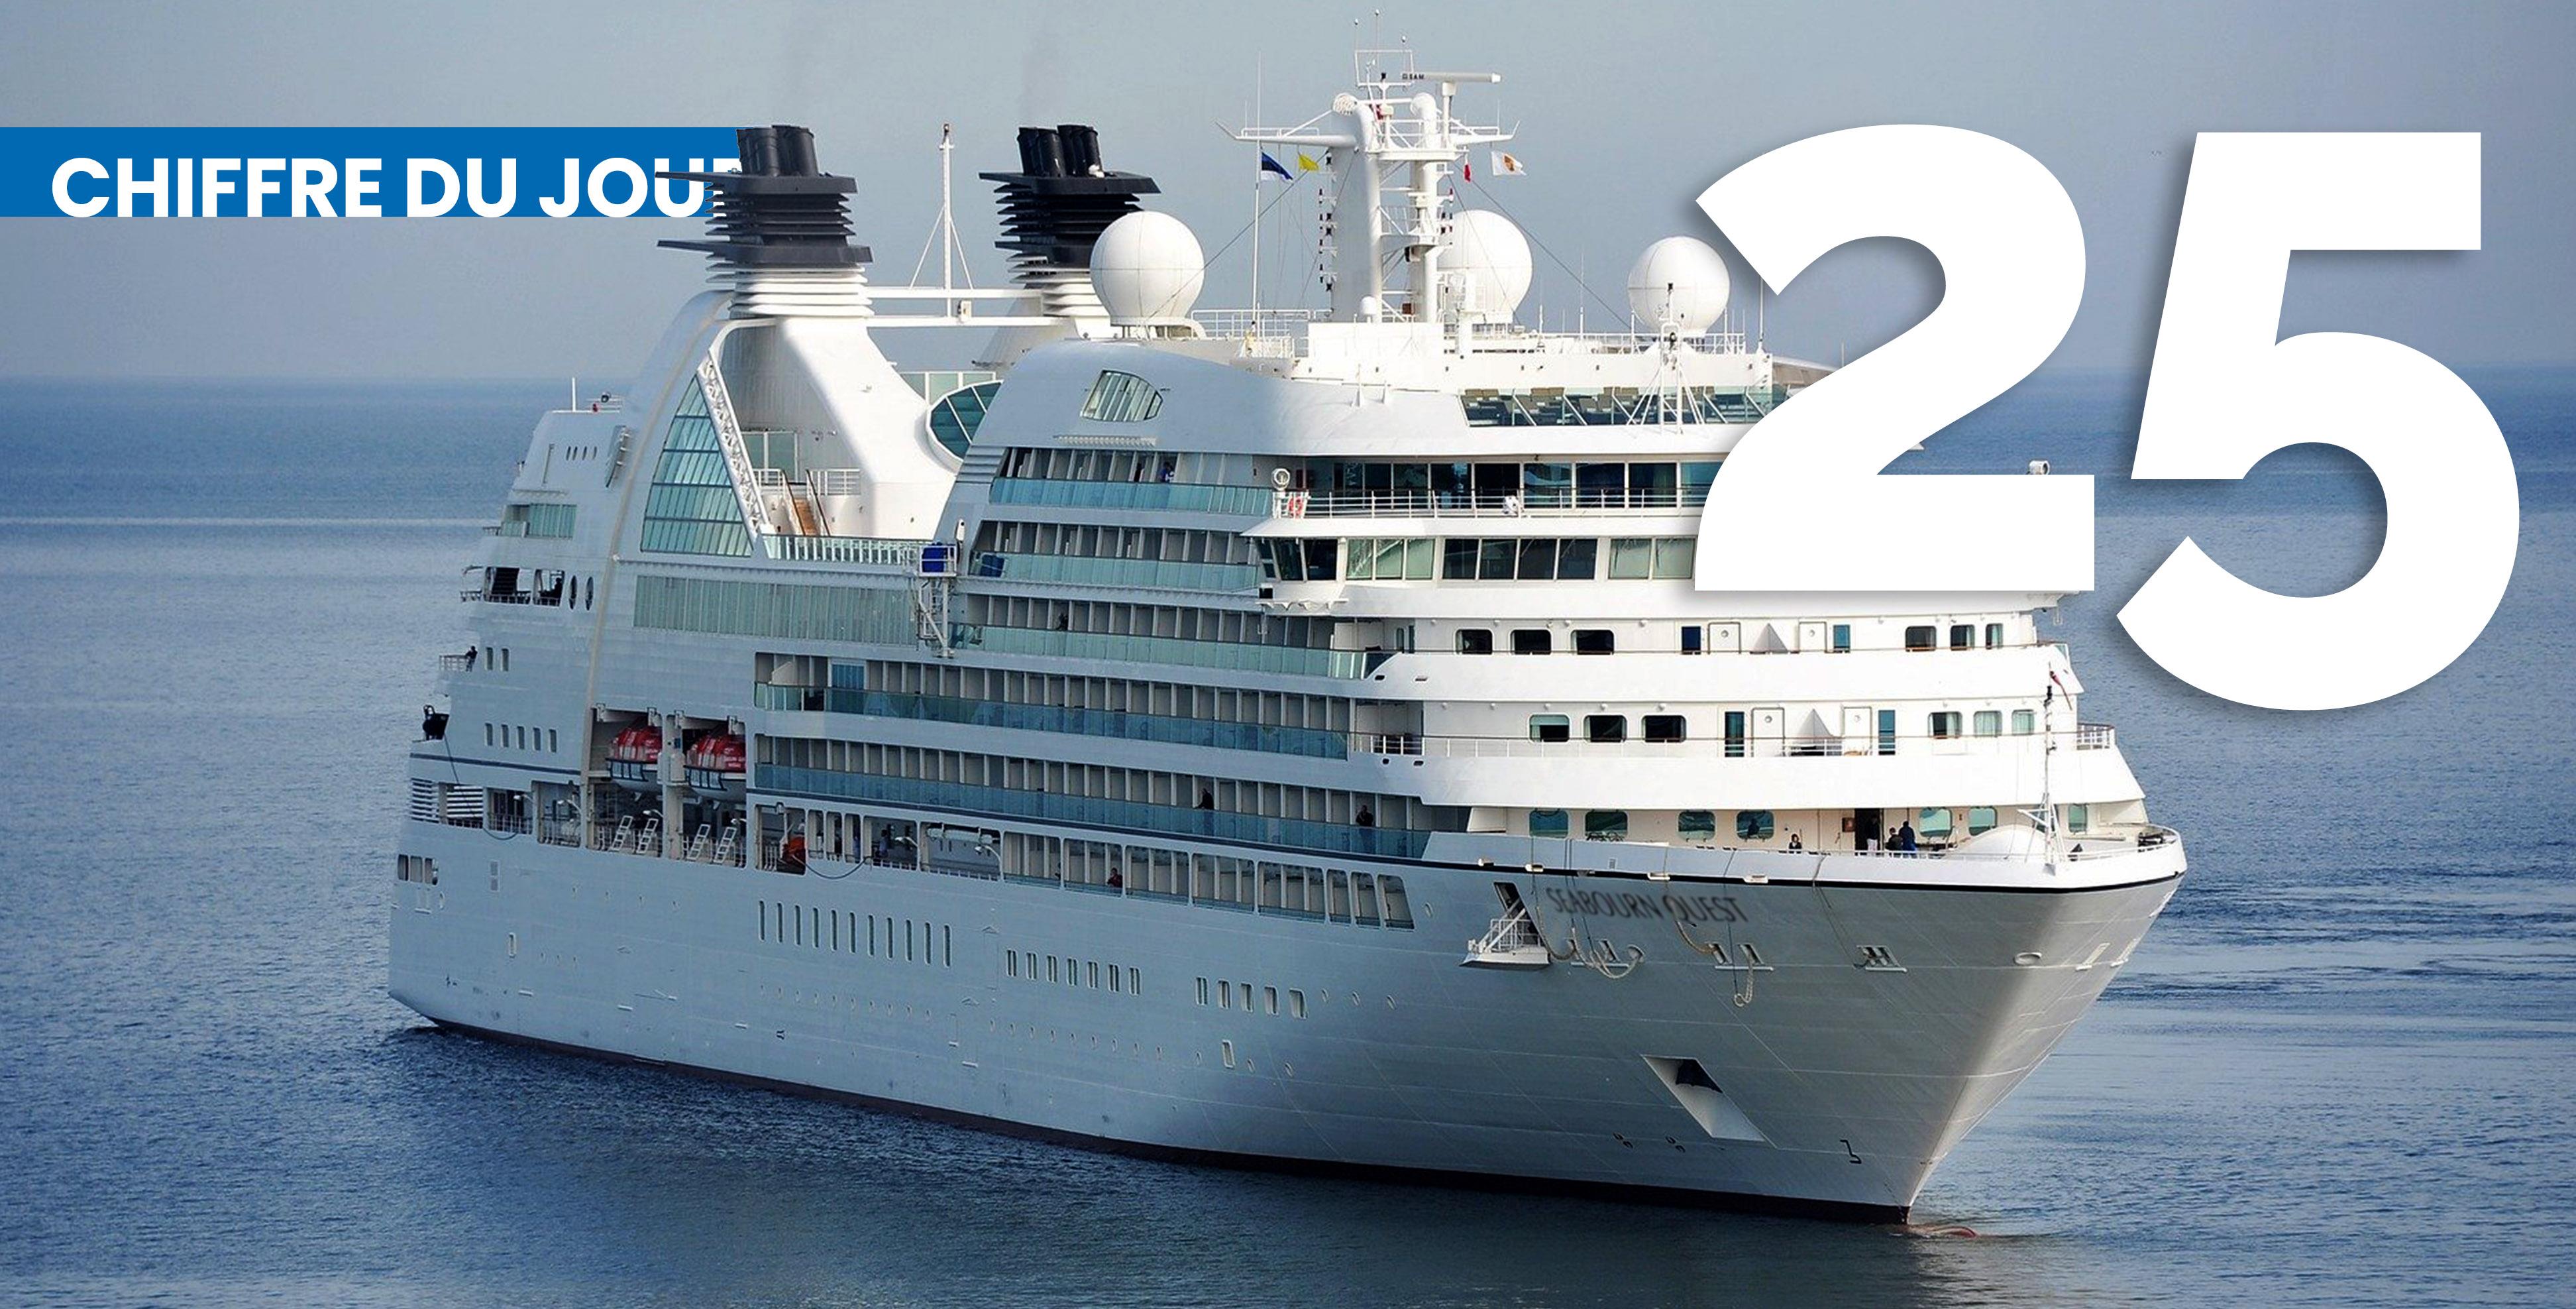 Depuis le 25 mars, les bateaux de croisières sont bannis du centre de Venise. Et en Corse, quelle solution ? ©Pixabay